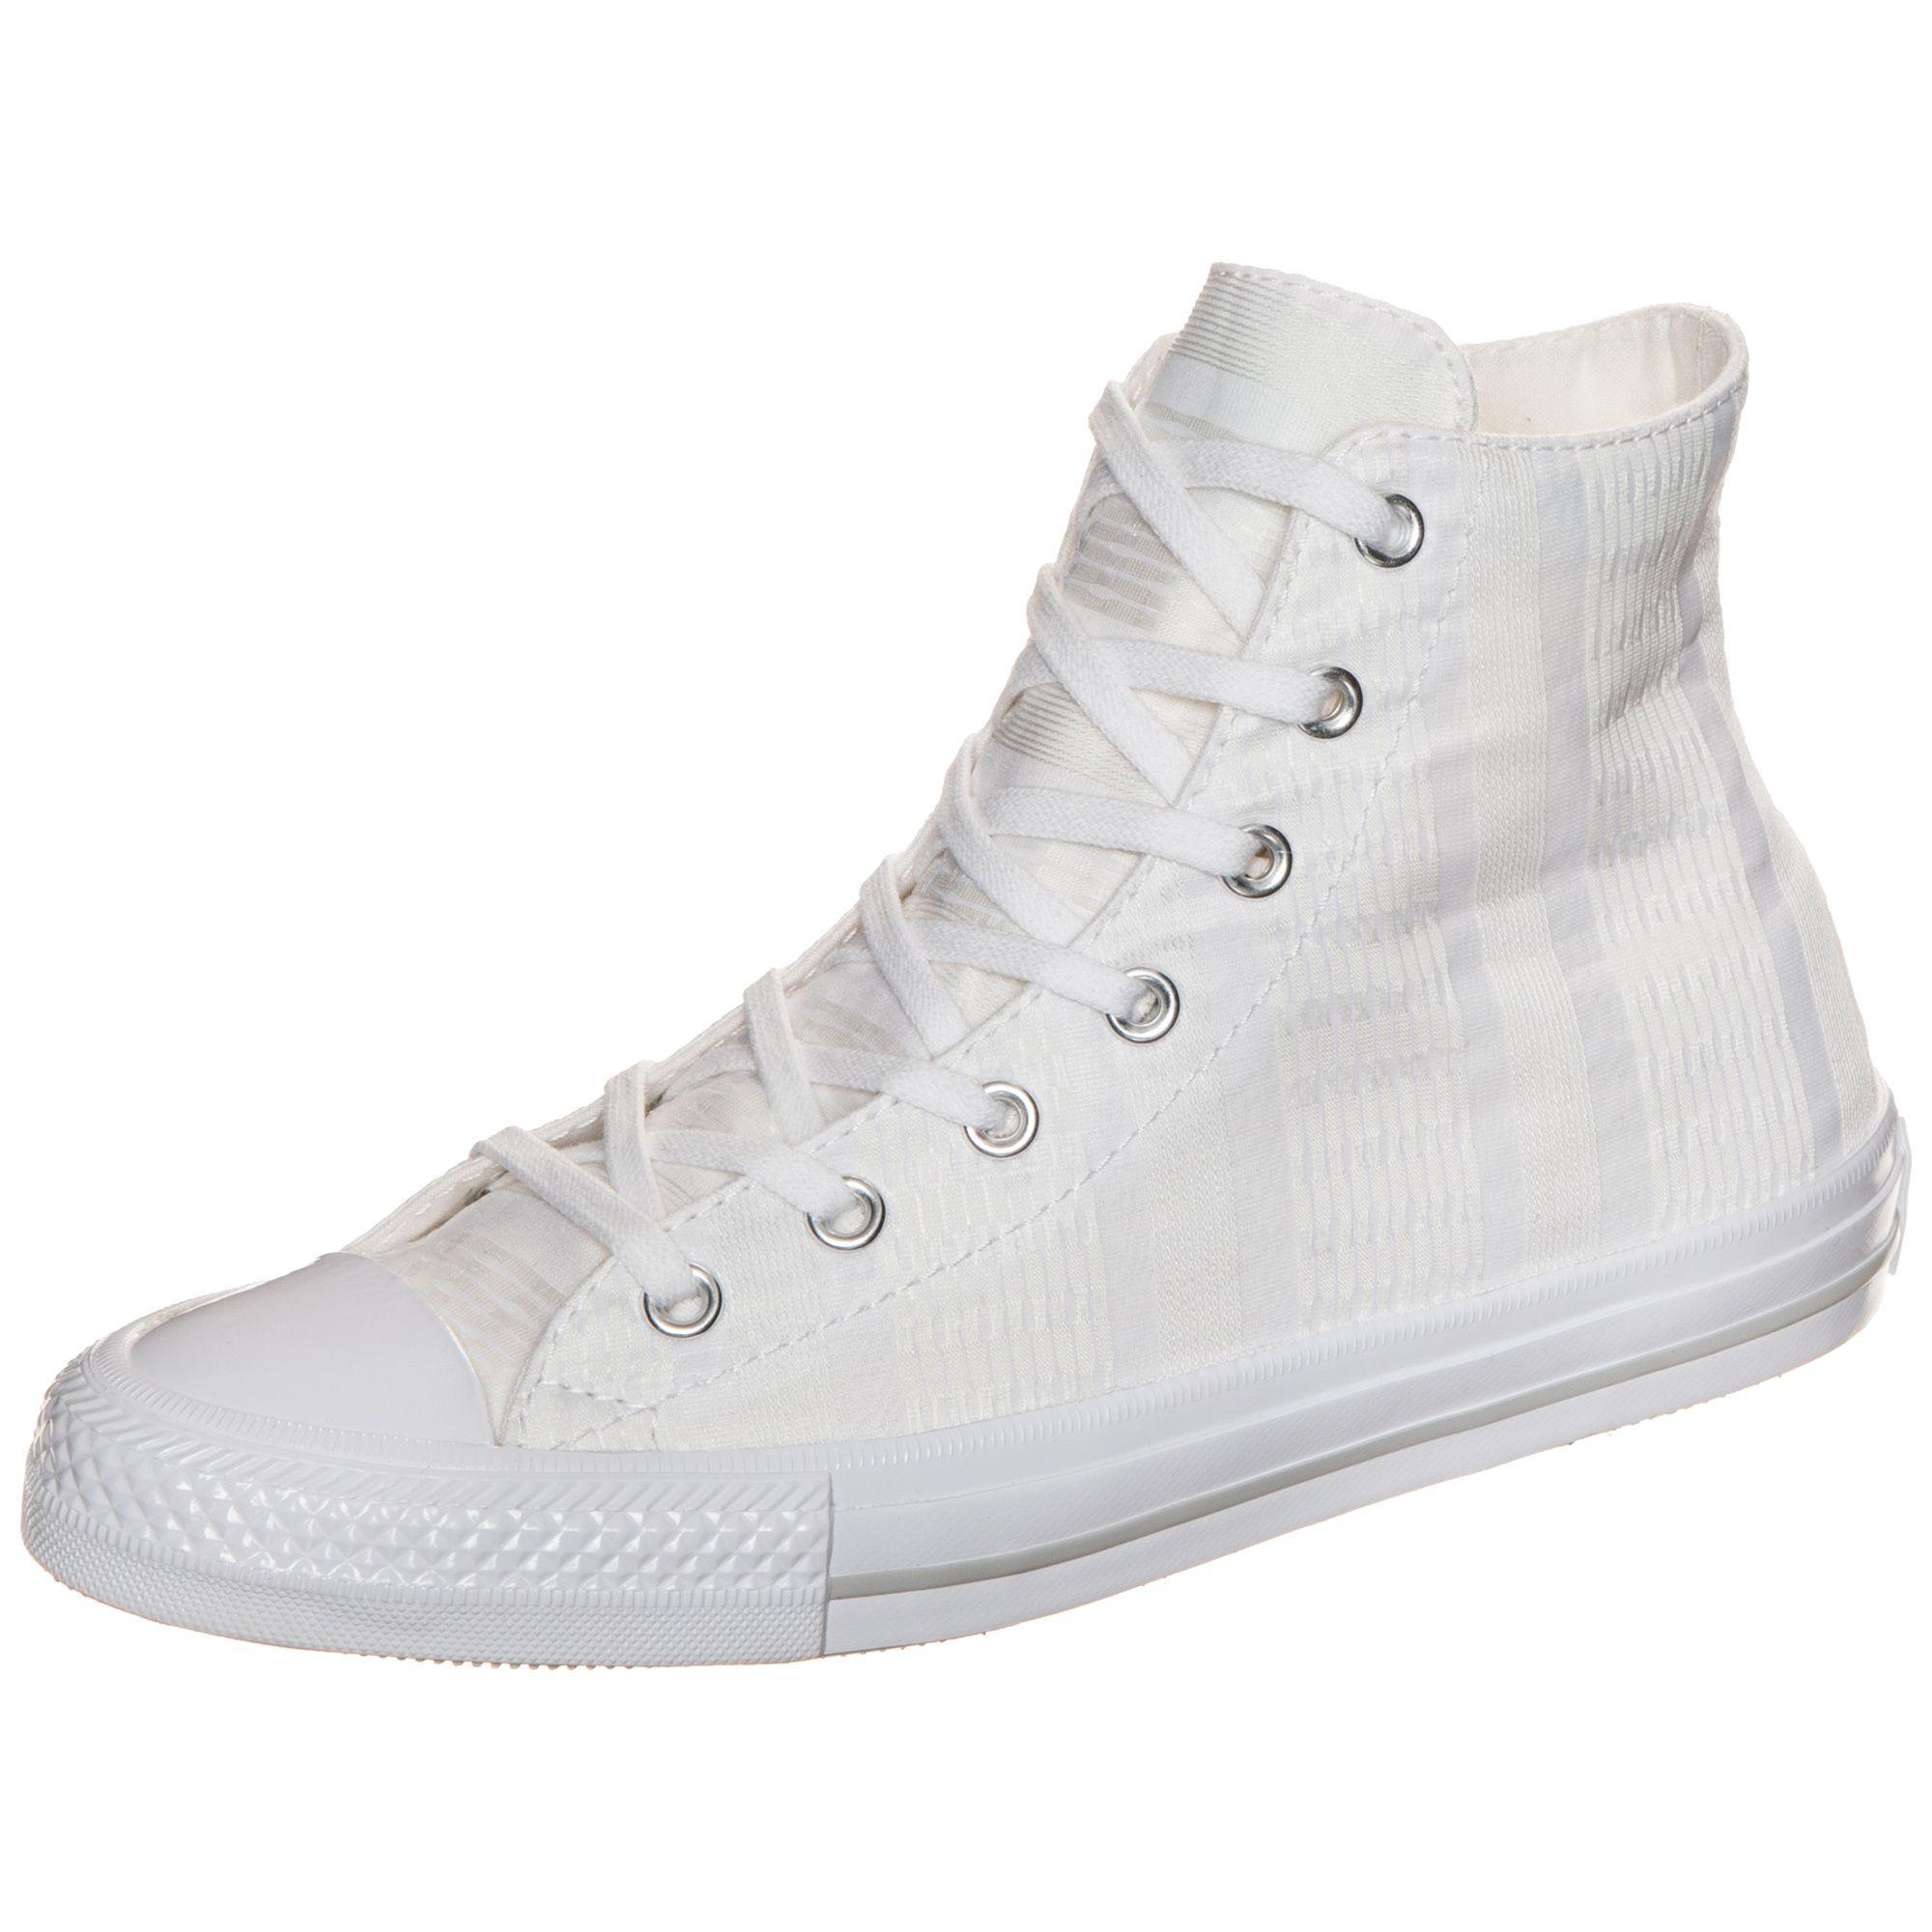 CONVERSE Converse Chuck Taylor All Star Gemma High Sneaker Damen